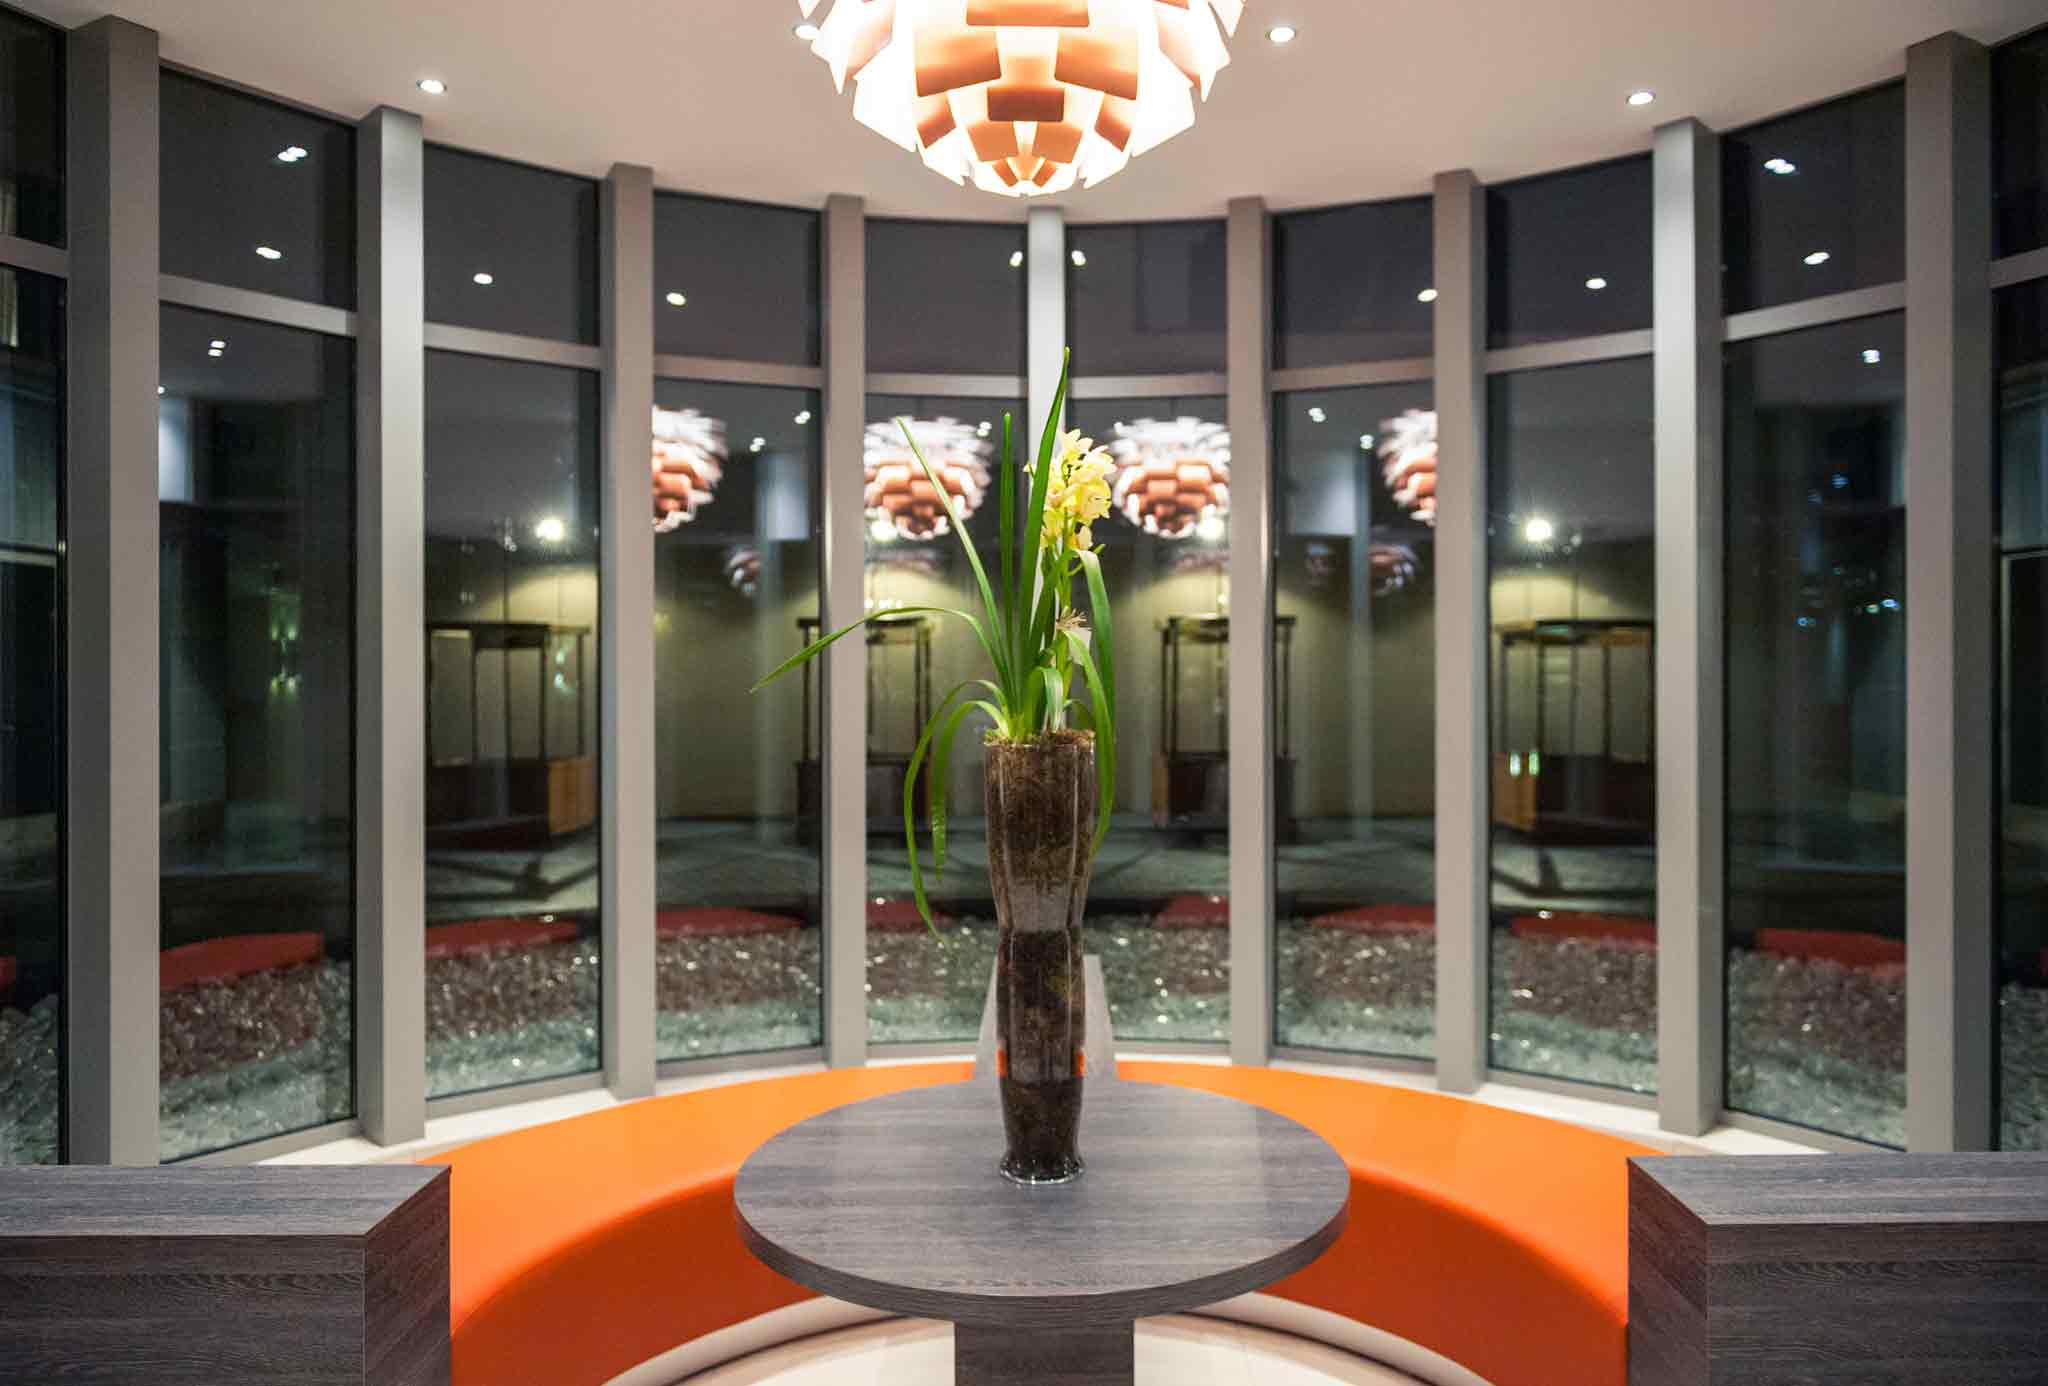 โรงแรม – โรงแรมเมอร์เคียว บรัสเซลส์ เซ็นเตอร์ มีดี